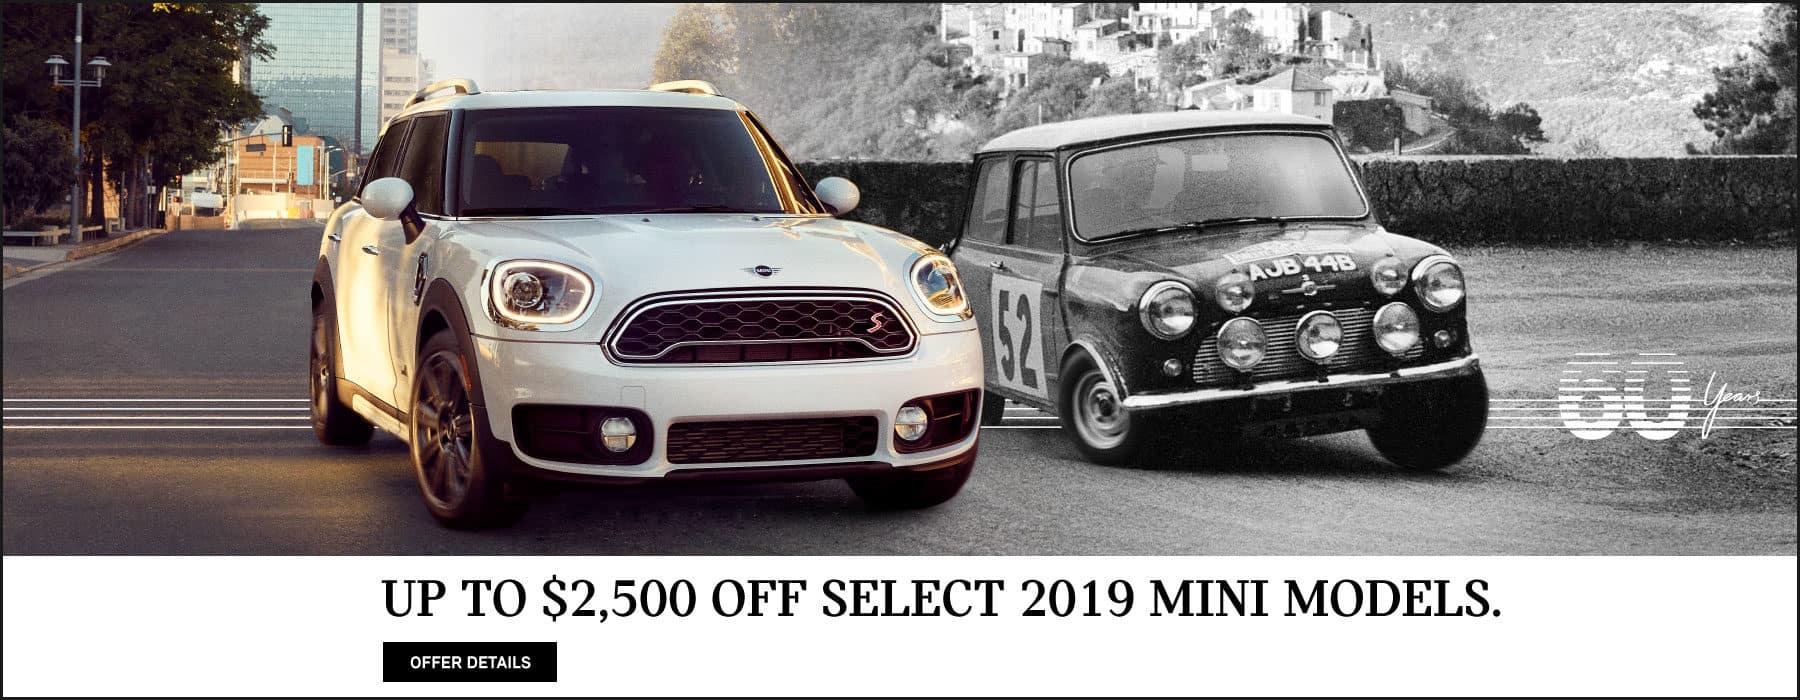 Mini Of Allentown >> Mini Of Allentown Mini And Used Car Dealer In Allentown Pa